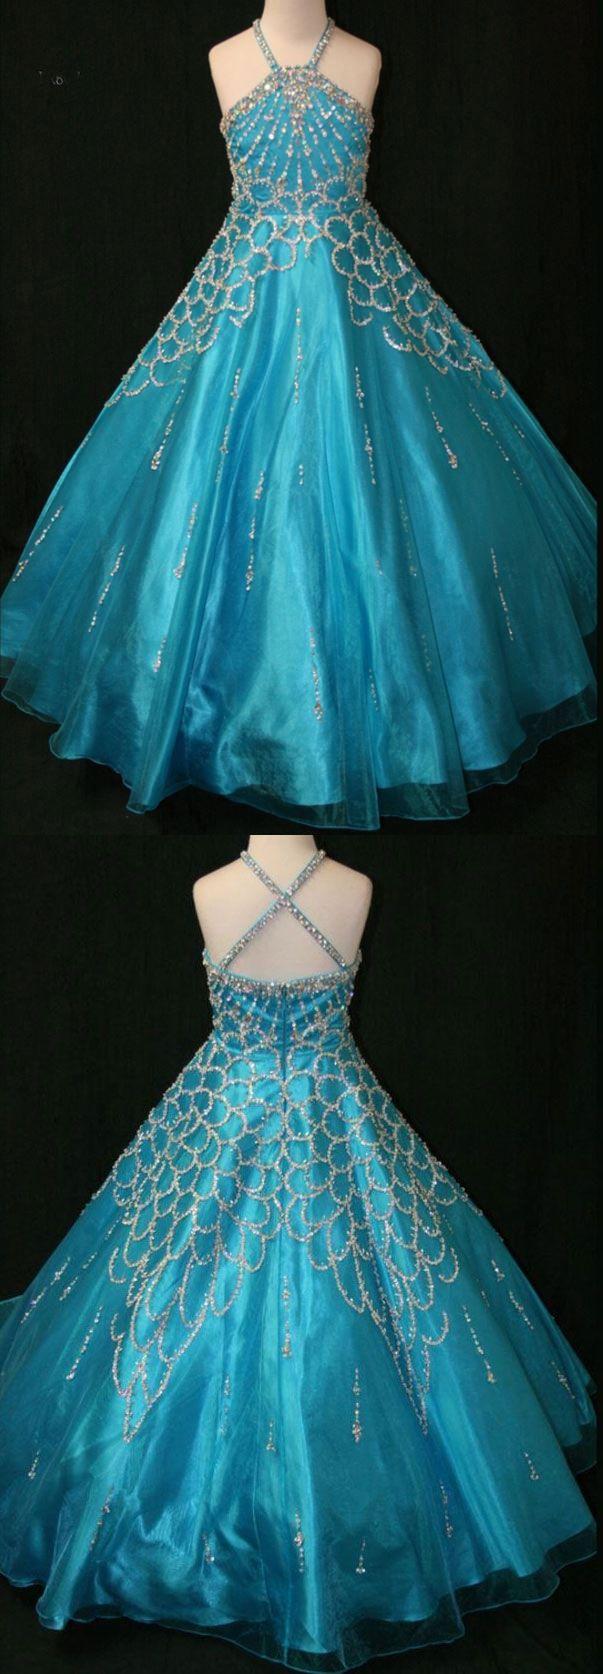 blue pageant dresses, junior pageant dresses, pageant dresses for girls, halter pageant gowns